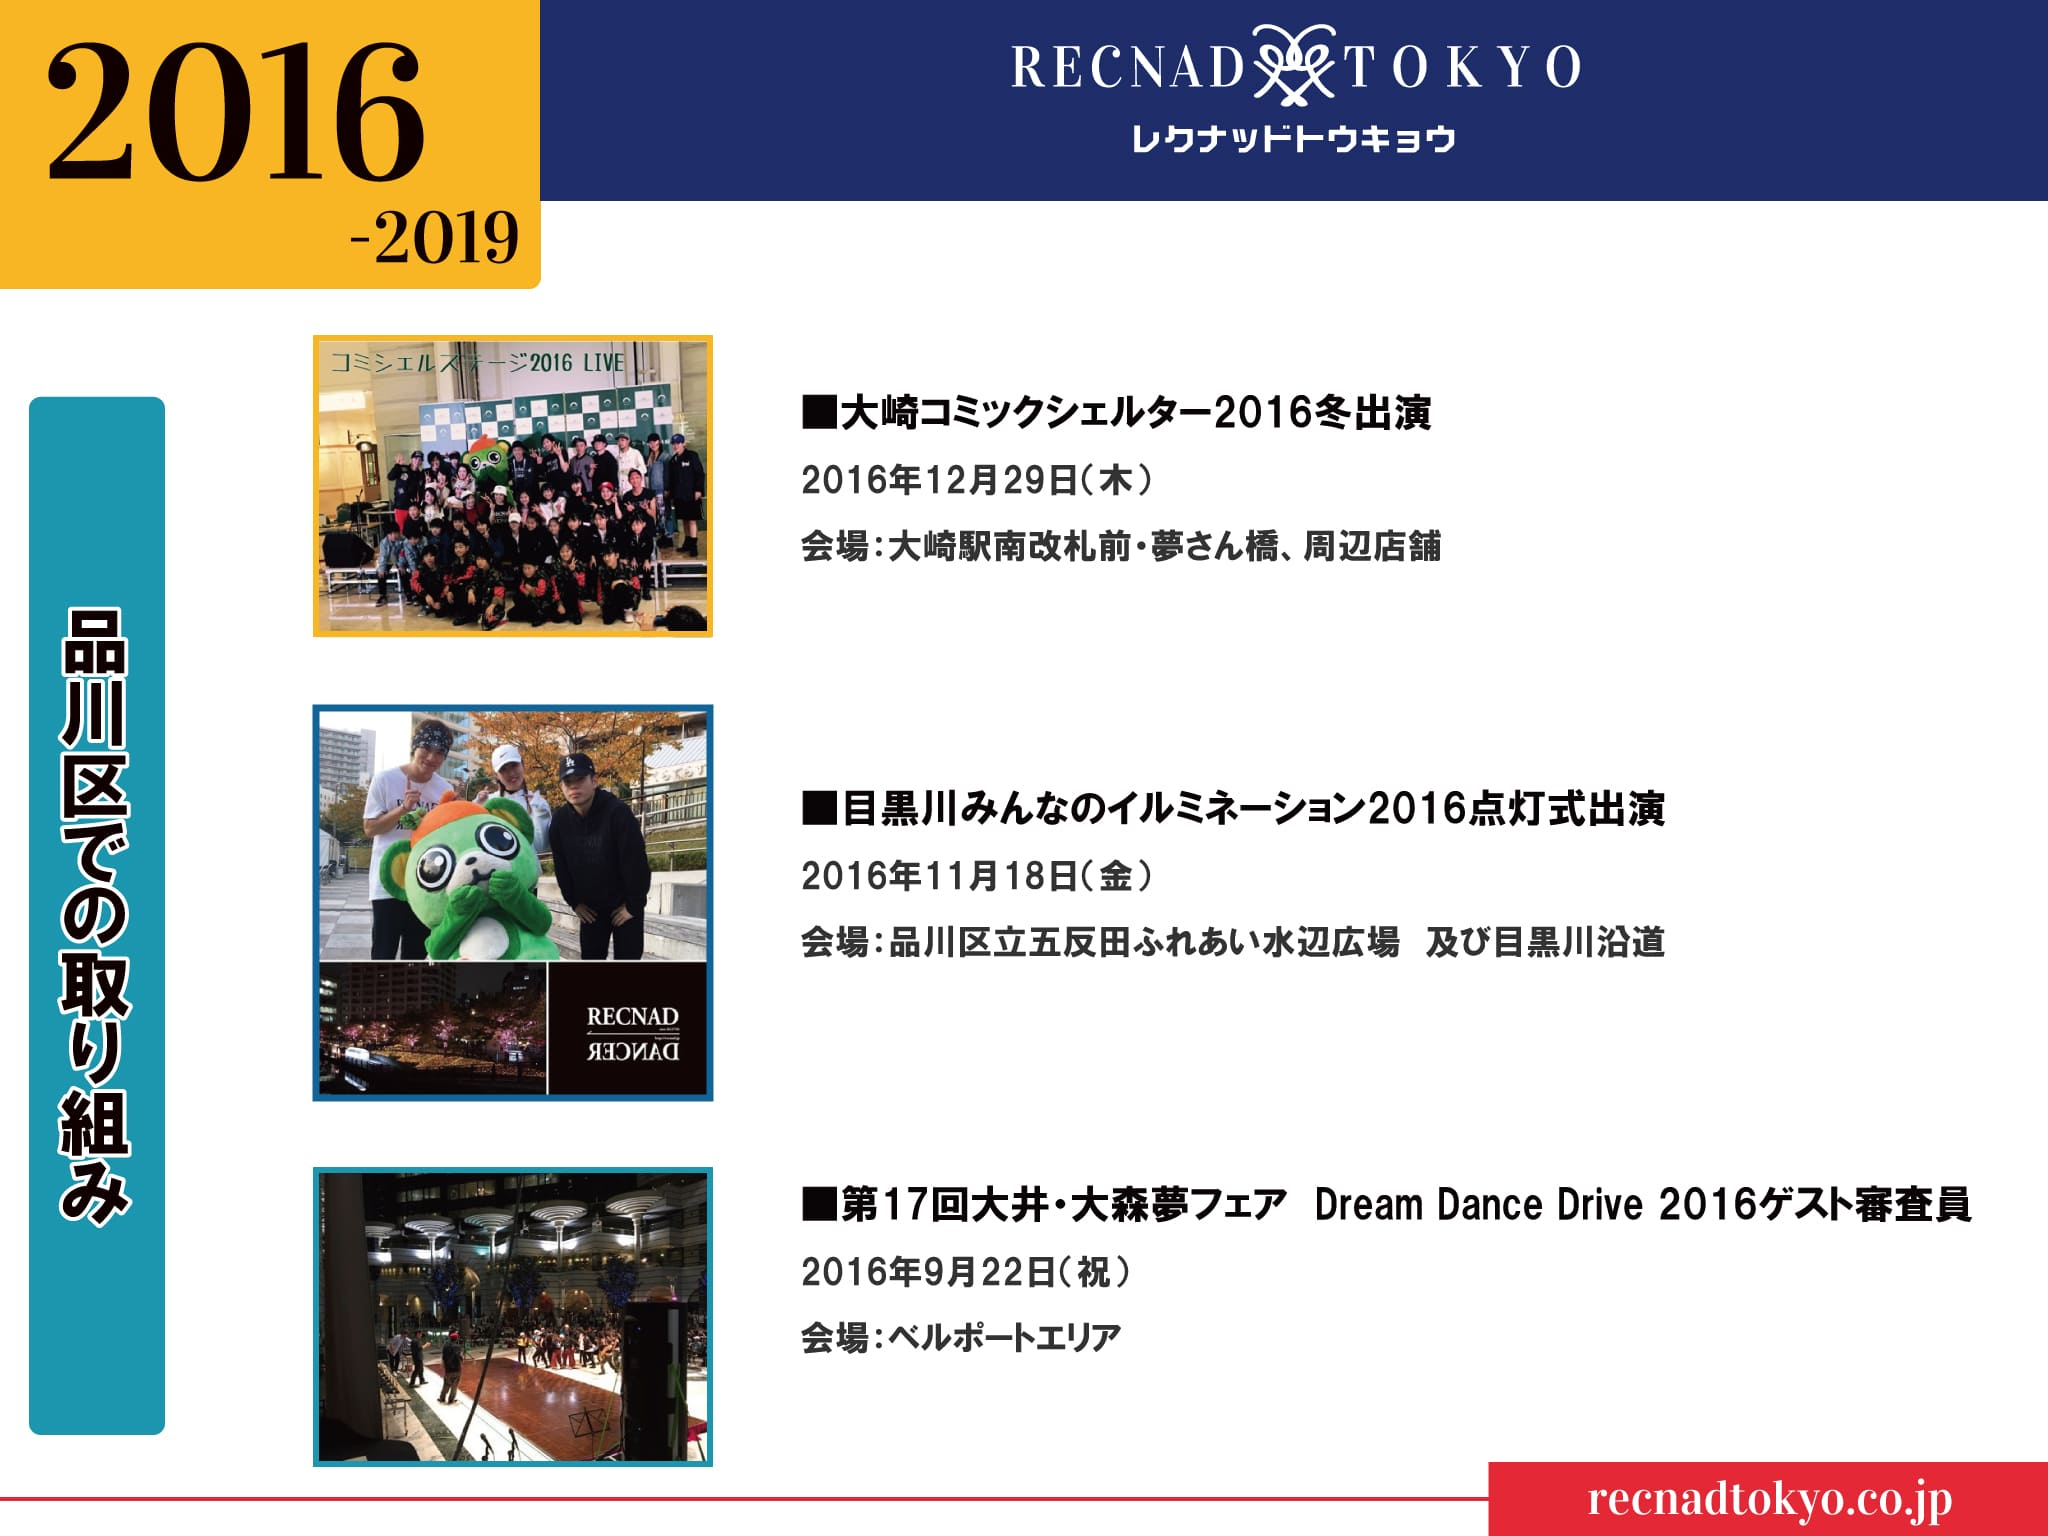 品川区 でのRECNAD TOKYOの活動 ダンス で街を盛り上げる わしながわ | RECNAD TOKYO 2016